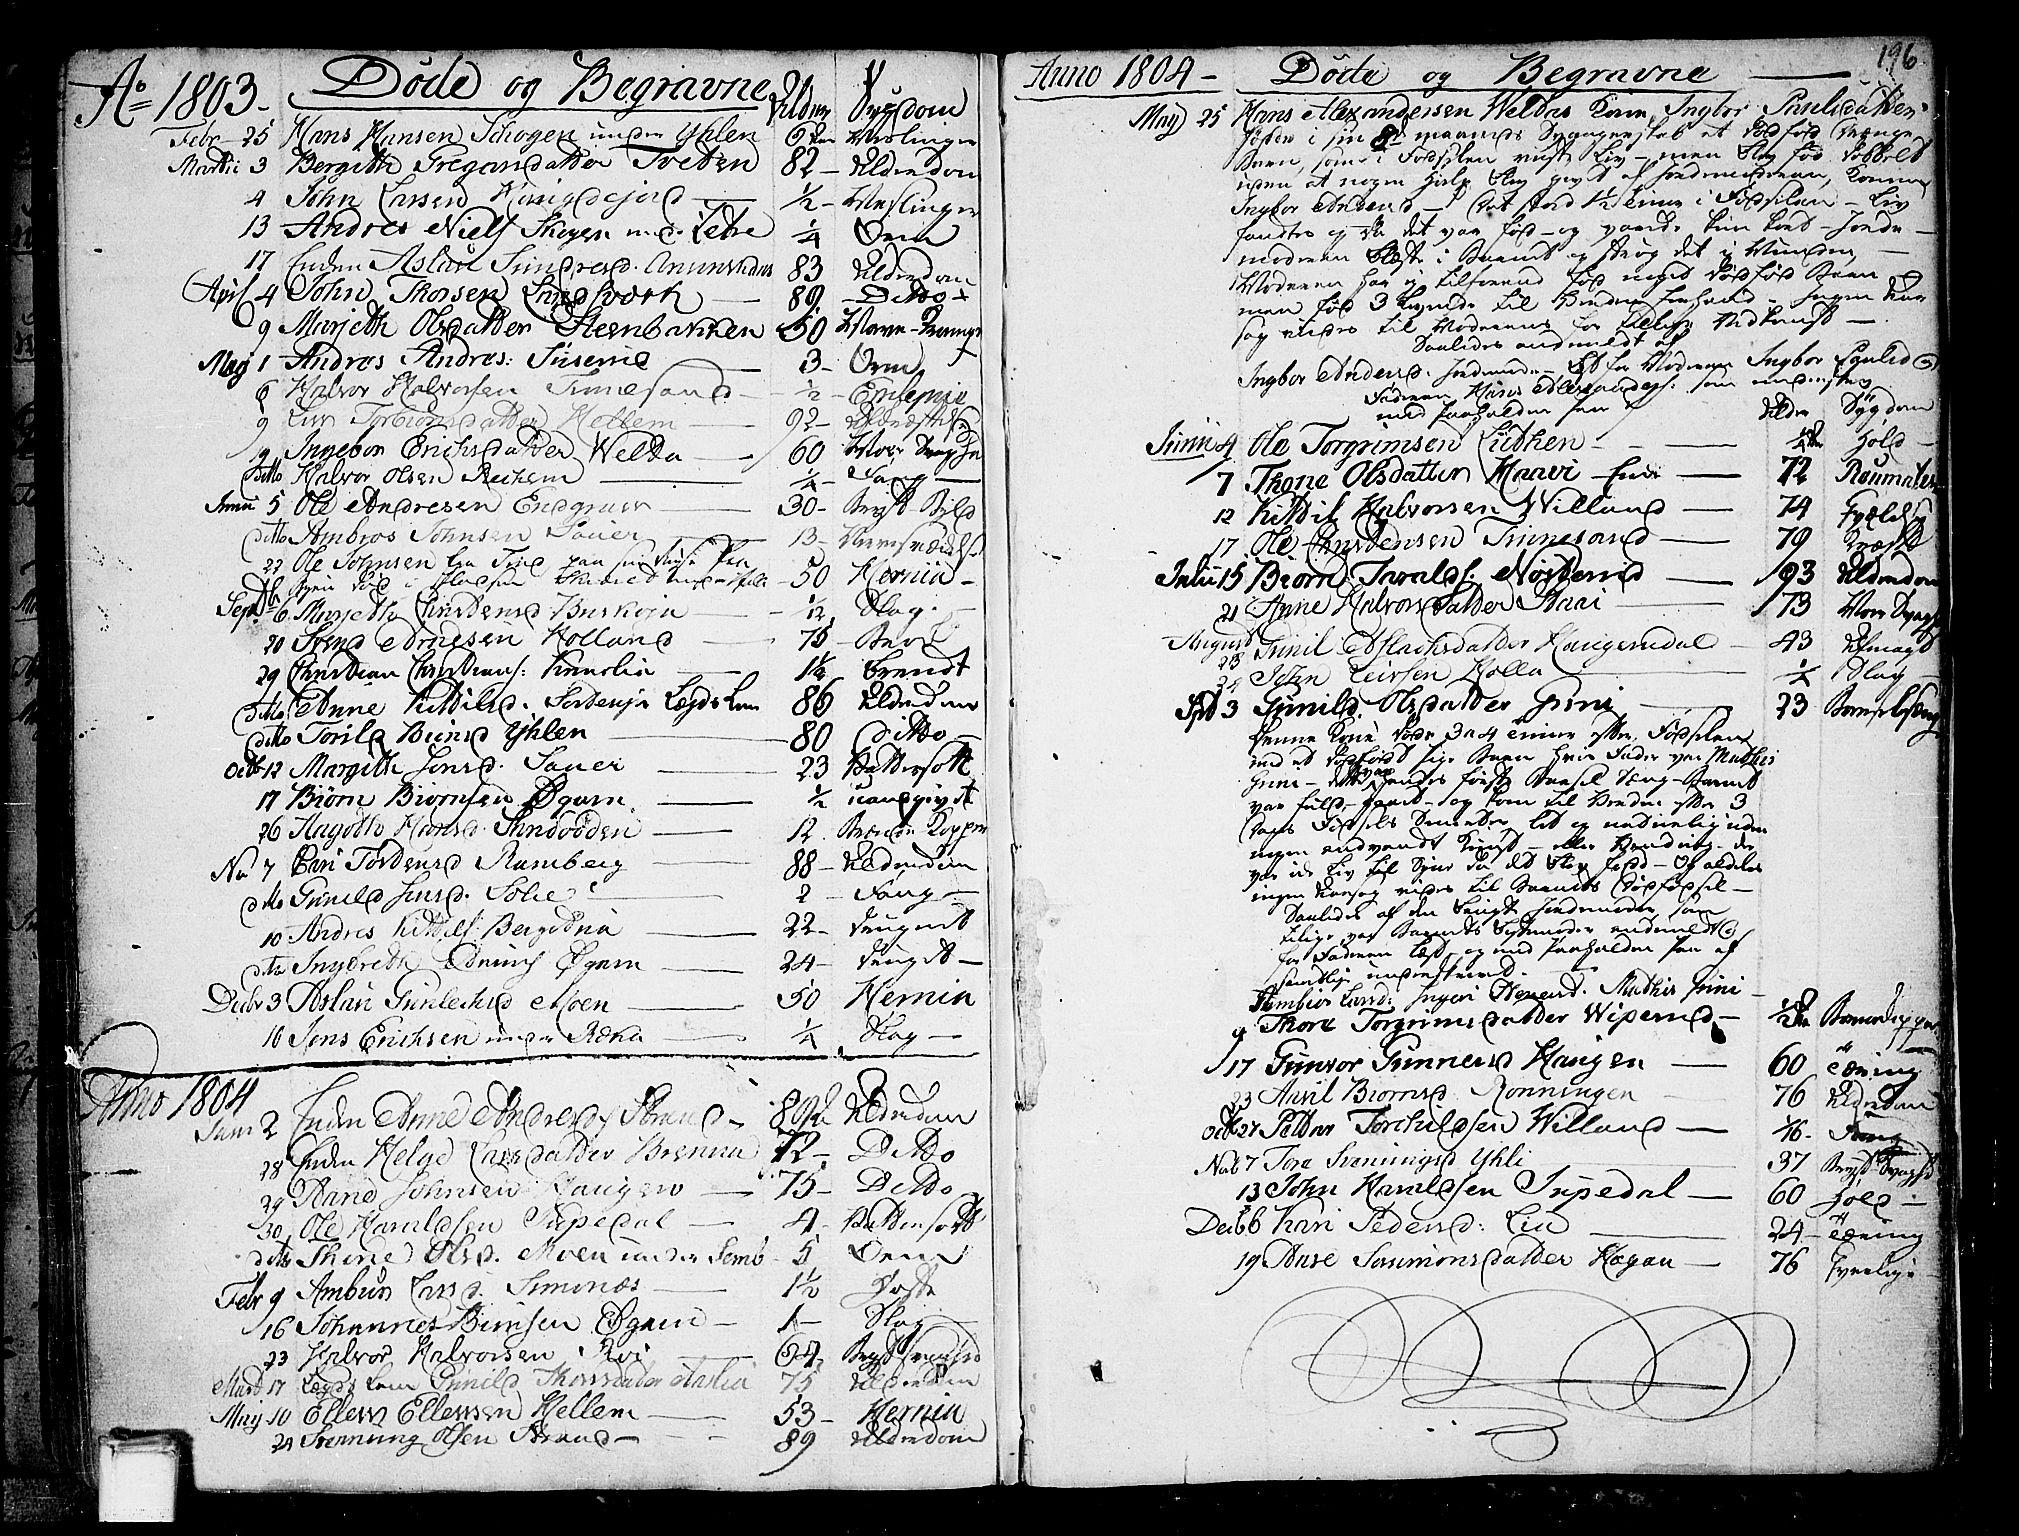 SAKO, Heddal kirkebøker, F/Fa/L0004: Ministerialbok nr. I 4, 1784-1814, s. 196